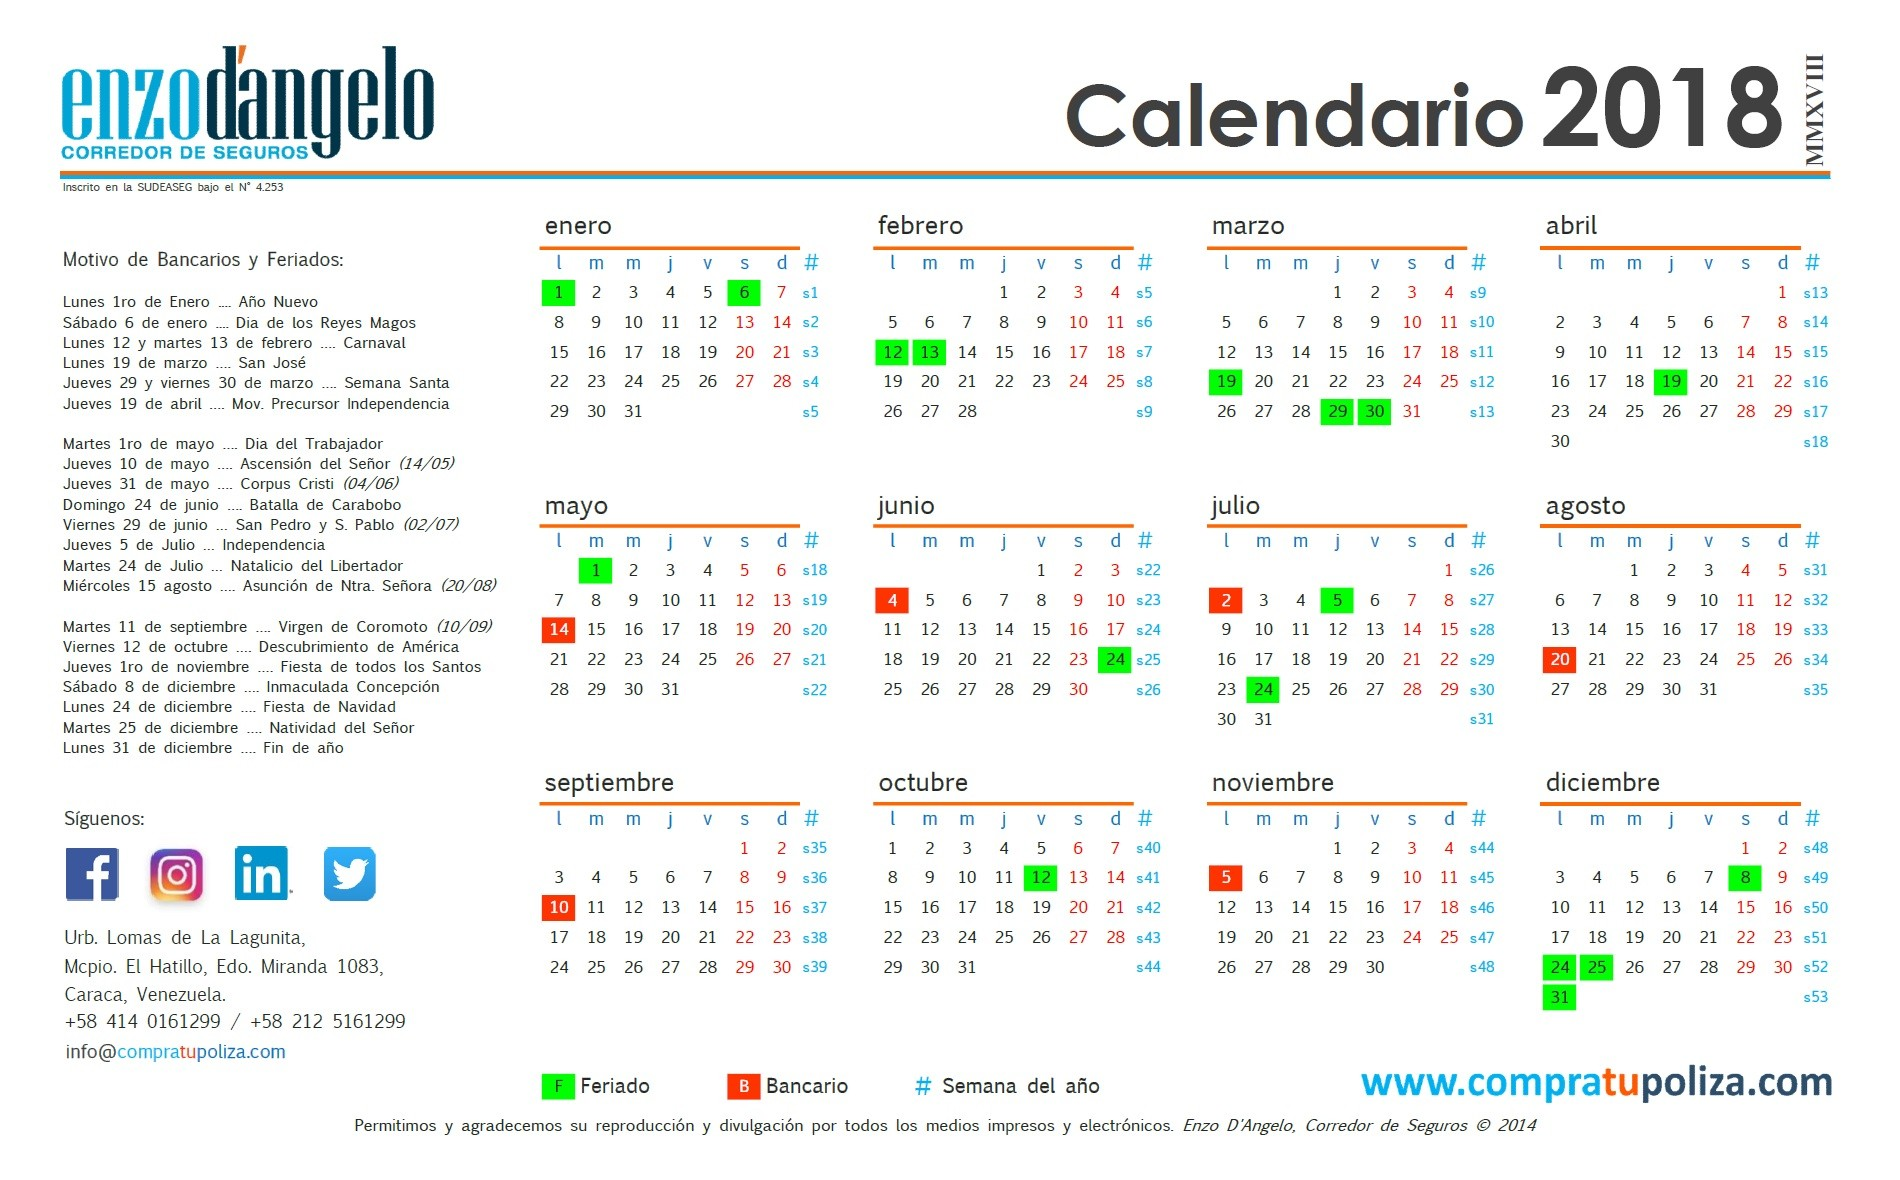 Calendario global 2018 v4